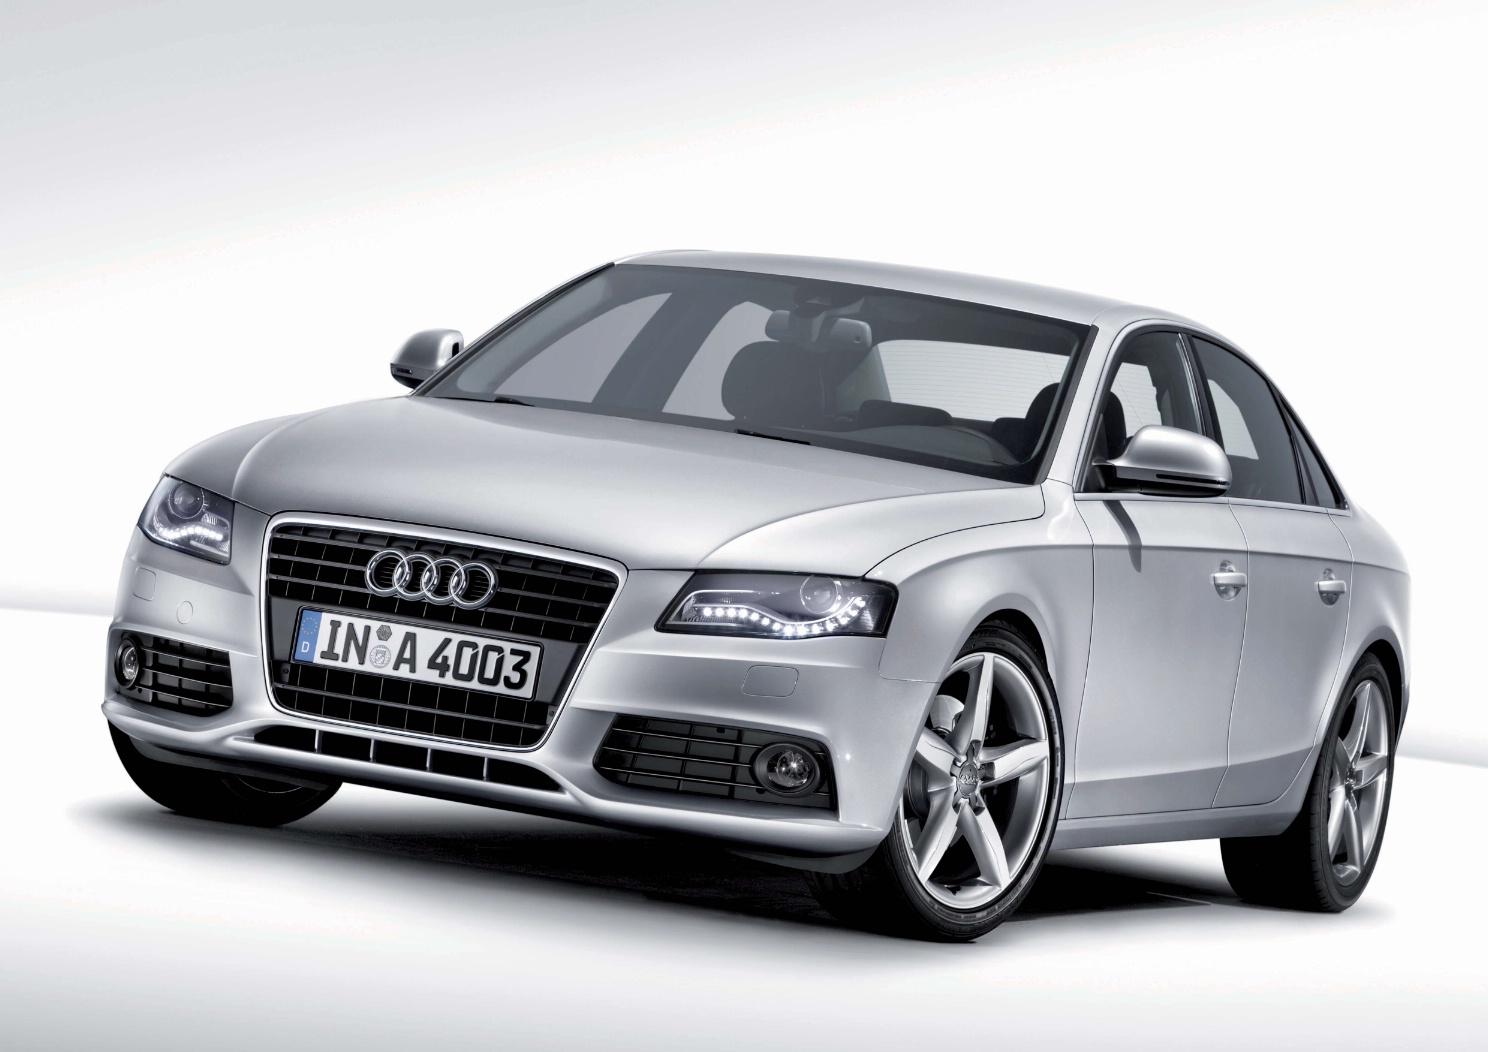 Noleggio auto premium - Auto premium - Audi A4